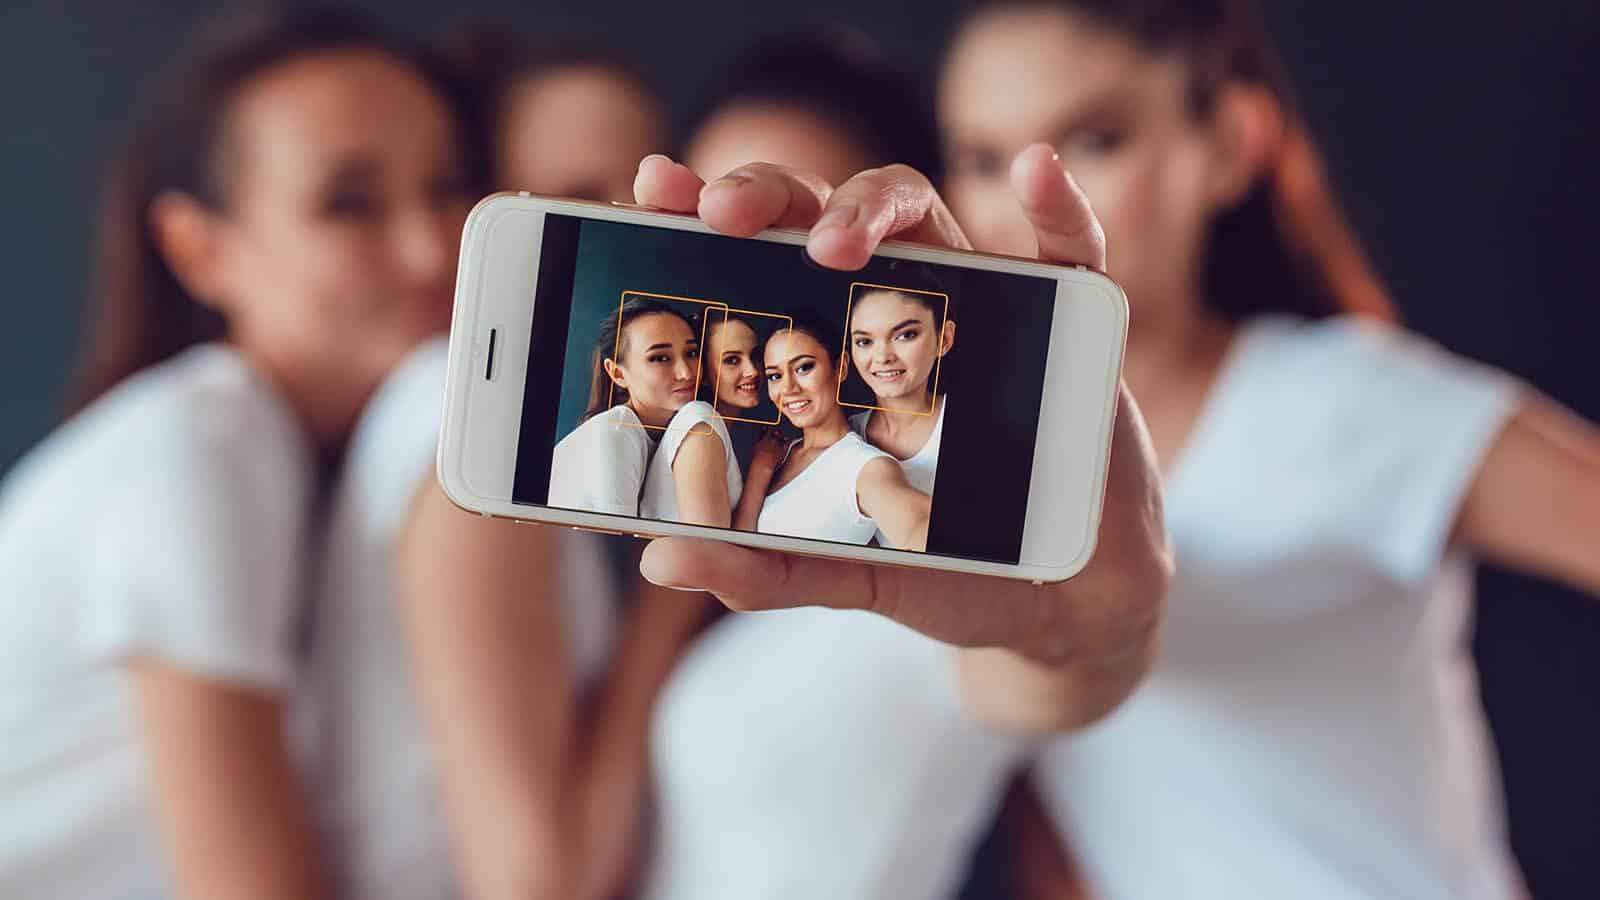 Jo lengre tid barn og unge bruker på sosiale medier, jo større sannsynlighet er det for at de utvikler depresjon og angst. Foto: Kanashkin Evgeniy/Shutterstock